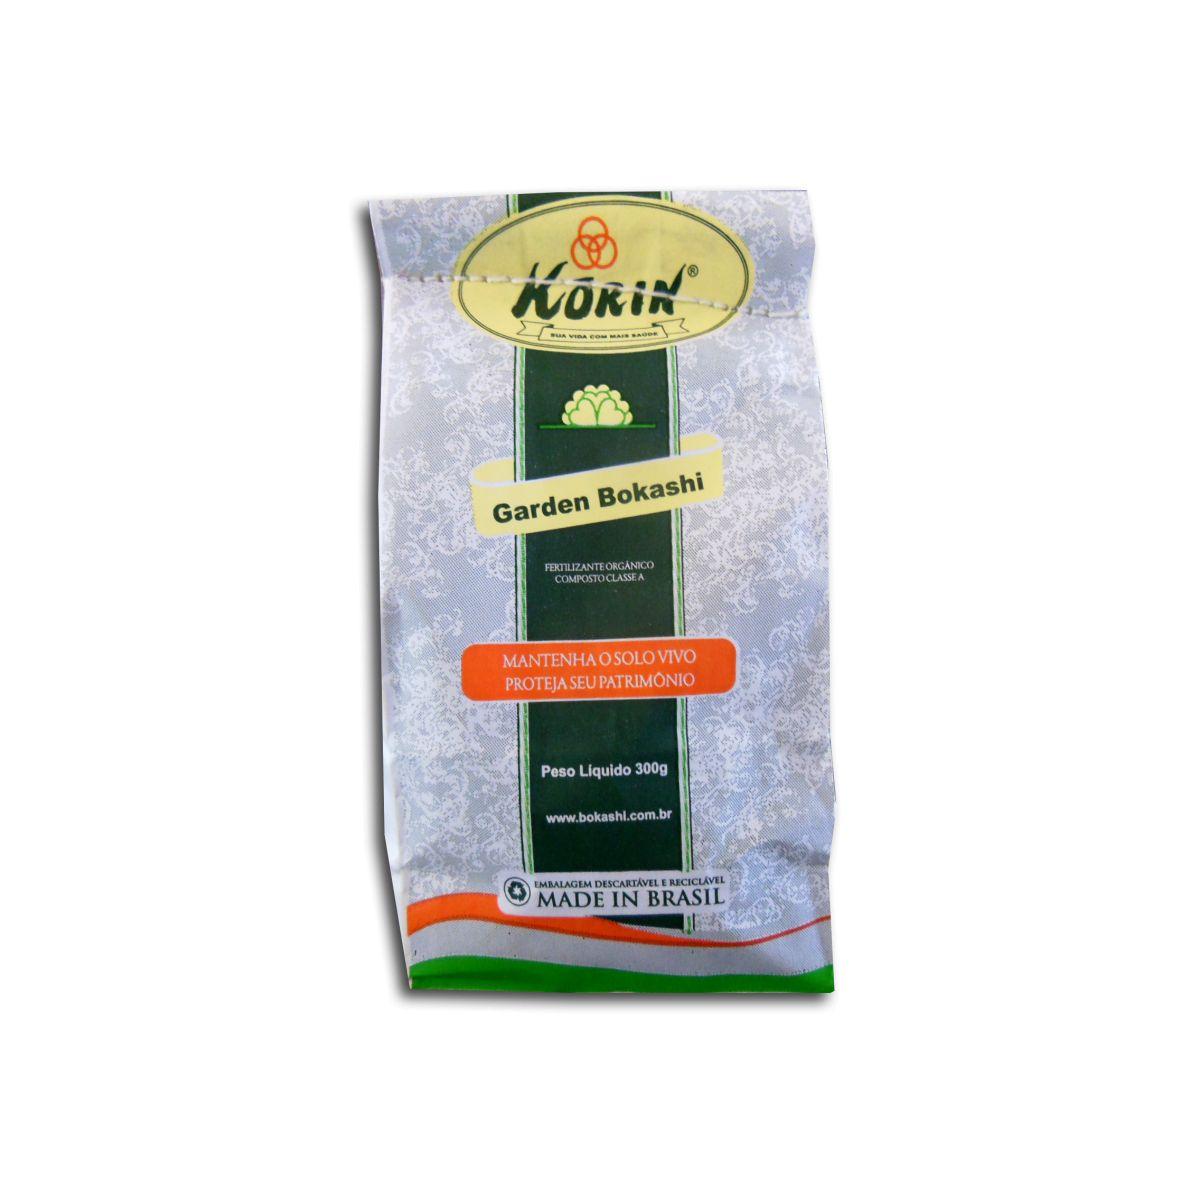 Fertilizante Orgânico Composto Classe A Garden Bokashi 300g - Korin